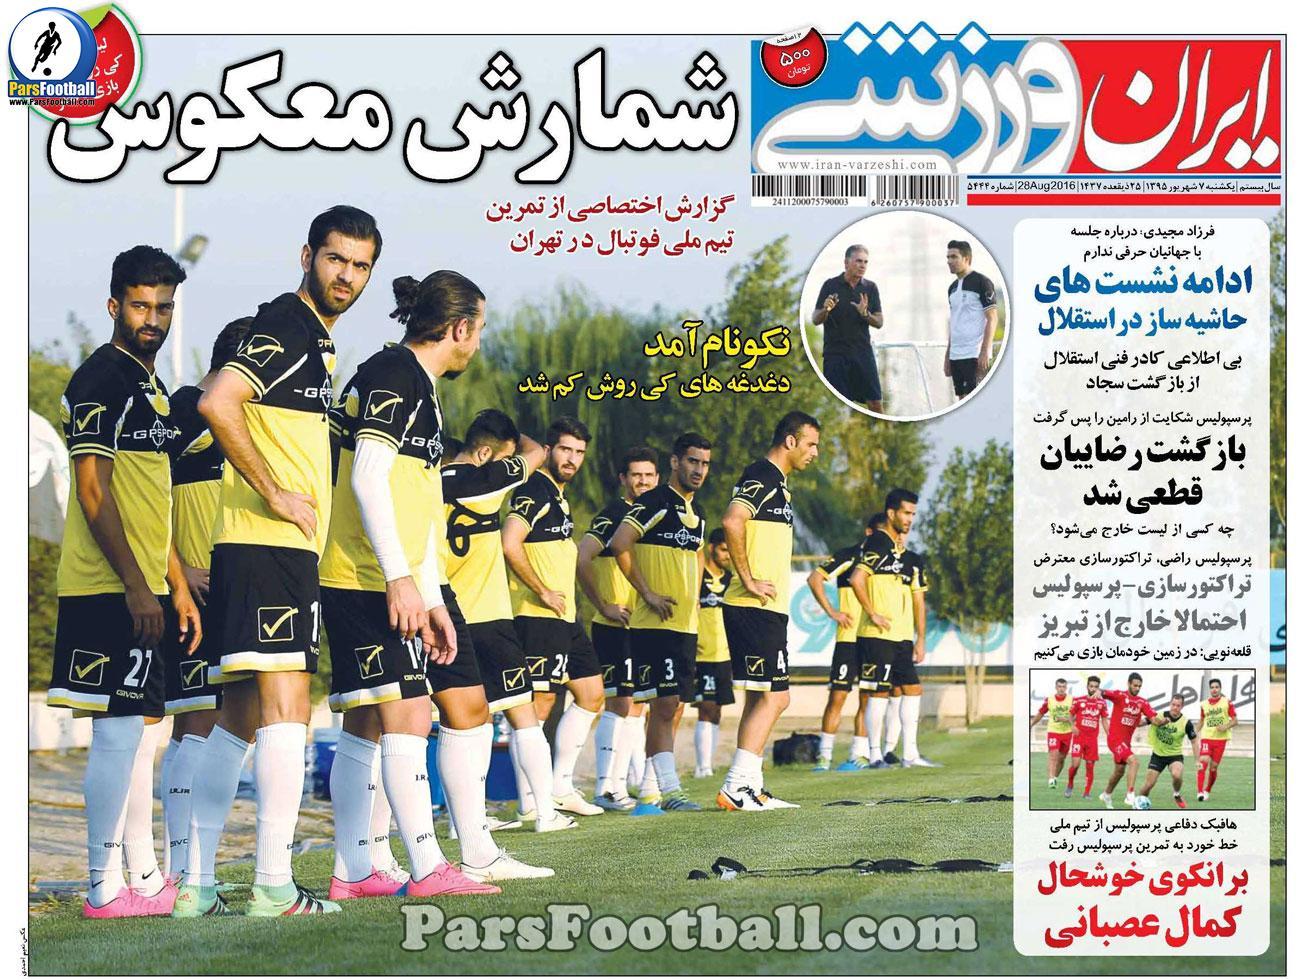 روزنامه ایران ورزشی یکشنبه 7 شهریور 95